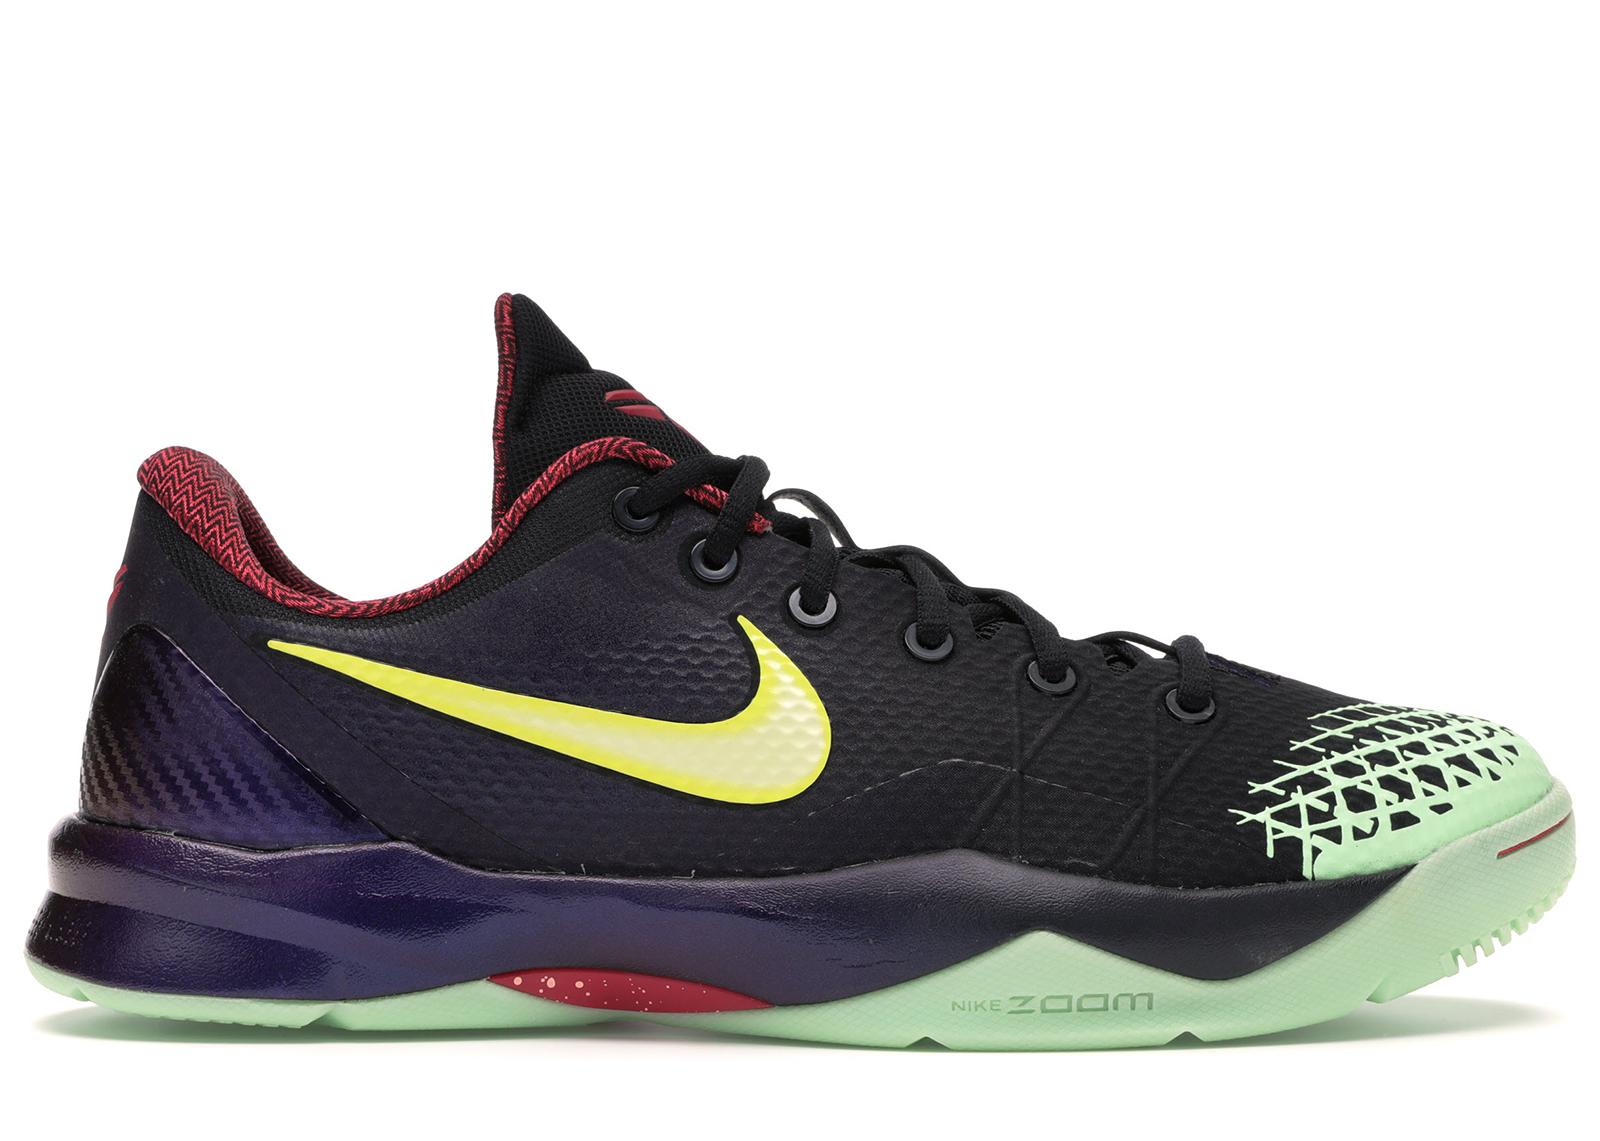 Nike Kobe Venomenon 4 Glow-In-The-Dark